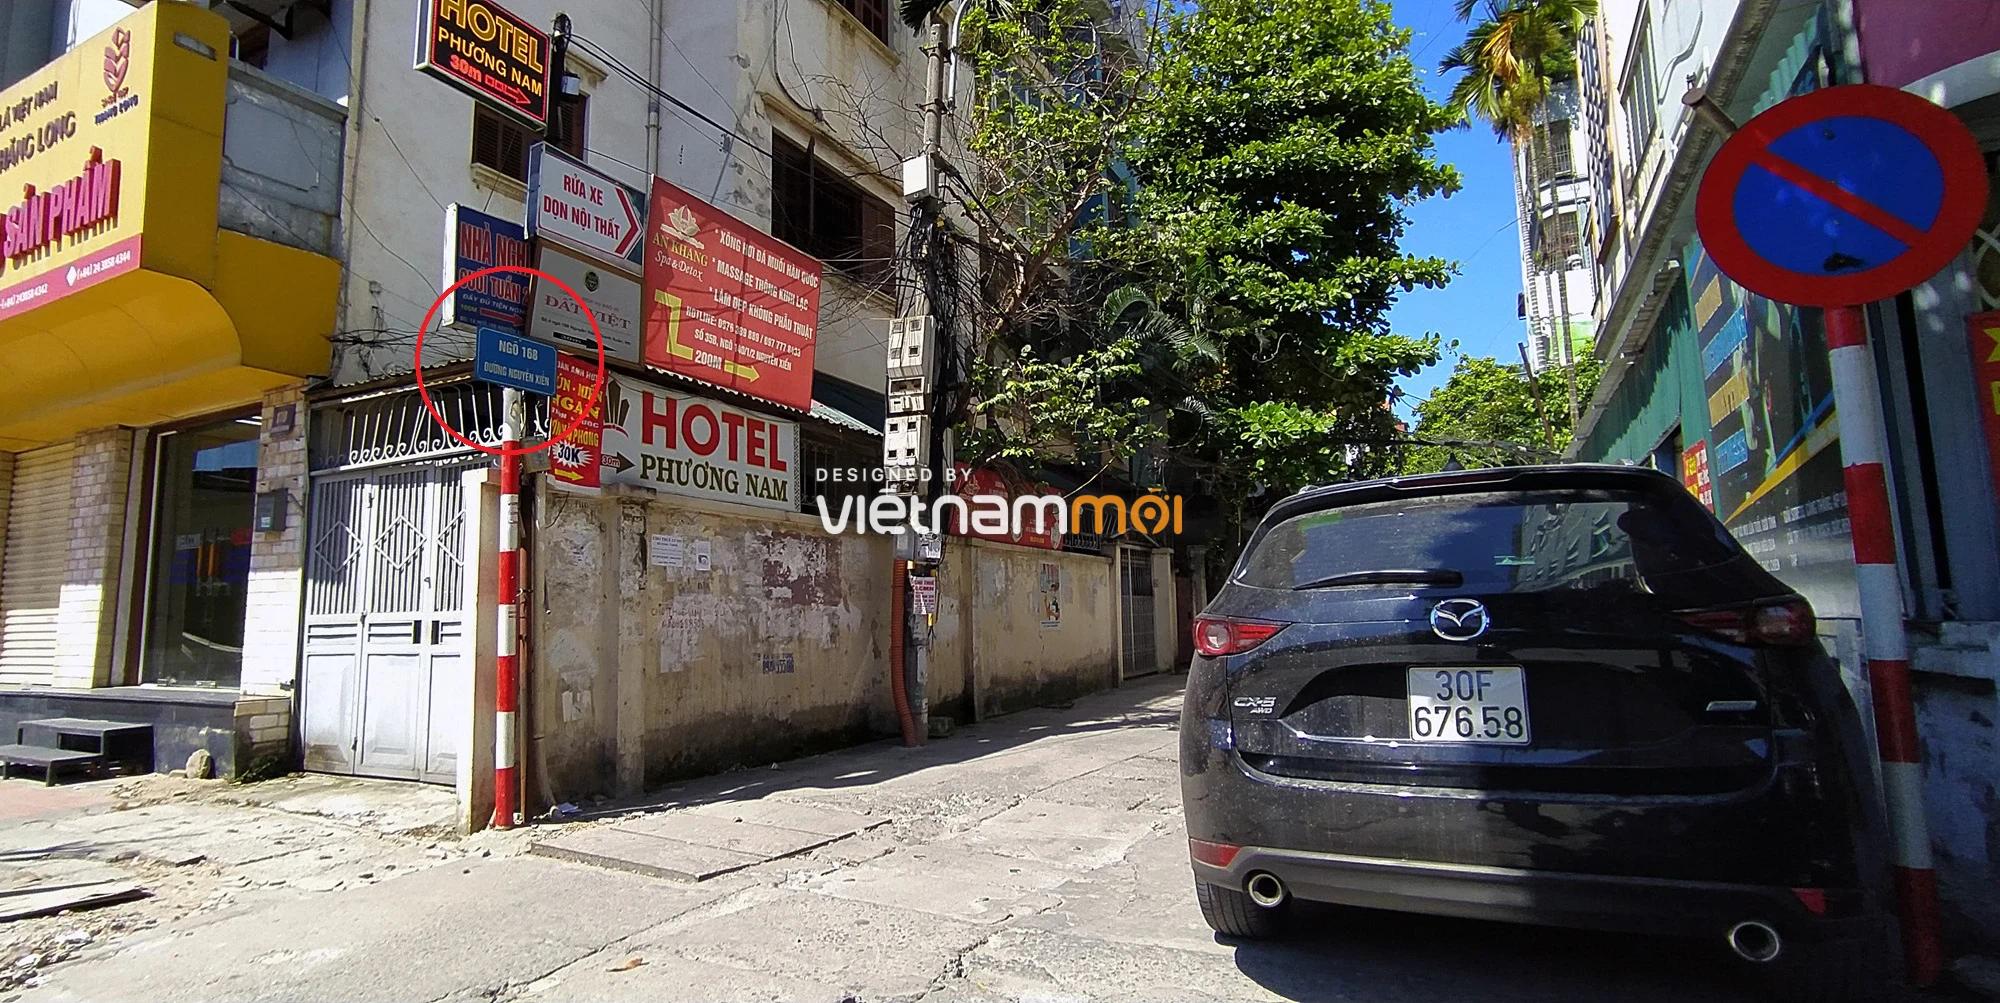 Toàn cảnh tuyến đường vào cụm ba trường Thanh Xuân Nam đang mở theo quy hoạch ở Hà Nội - Ảnh 8.